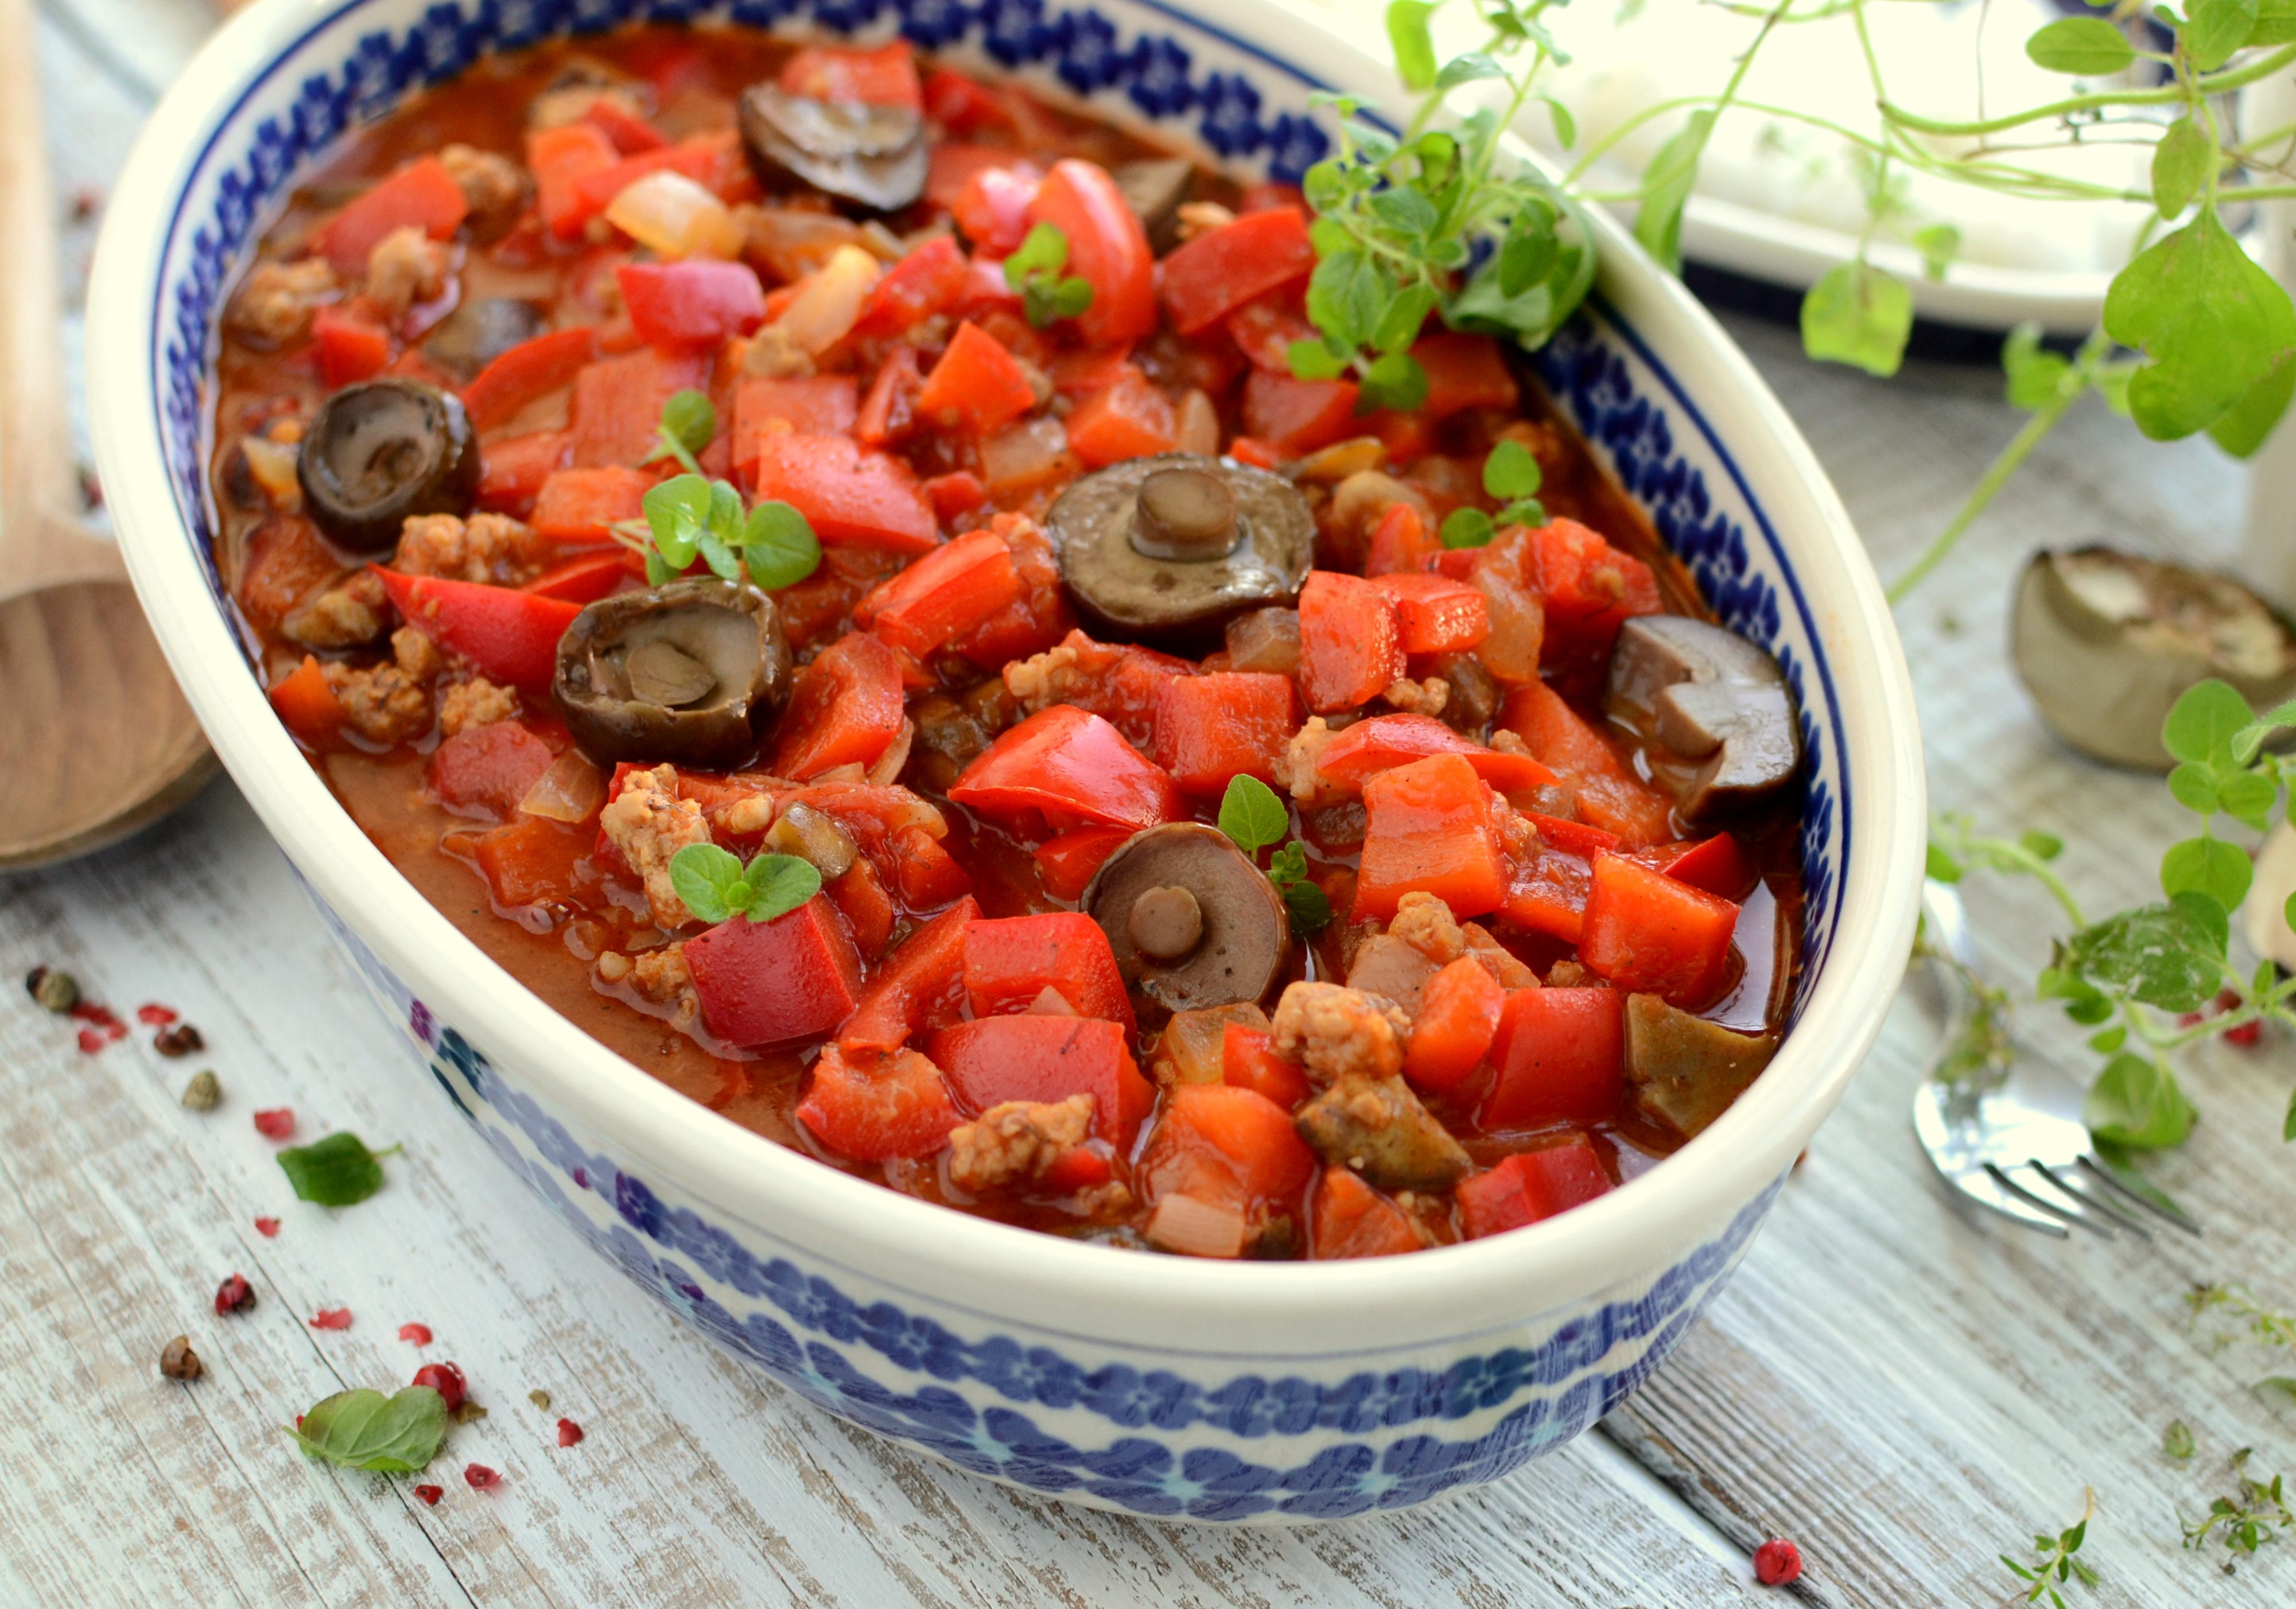 Paprykowa potrawka z grzybami leśnymi i mięsem